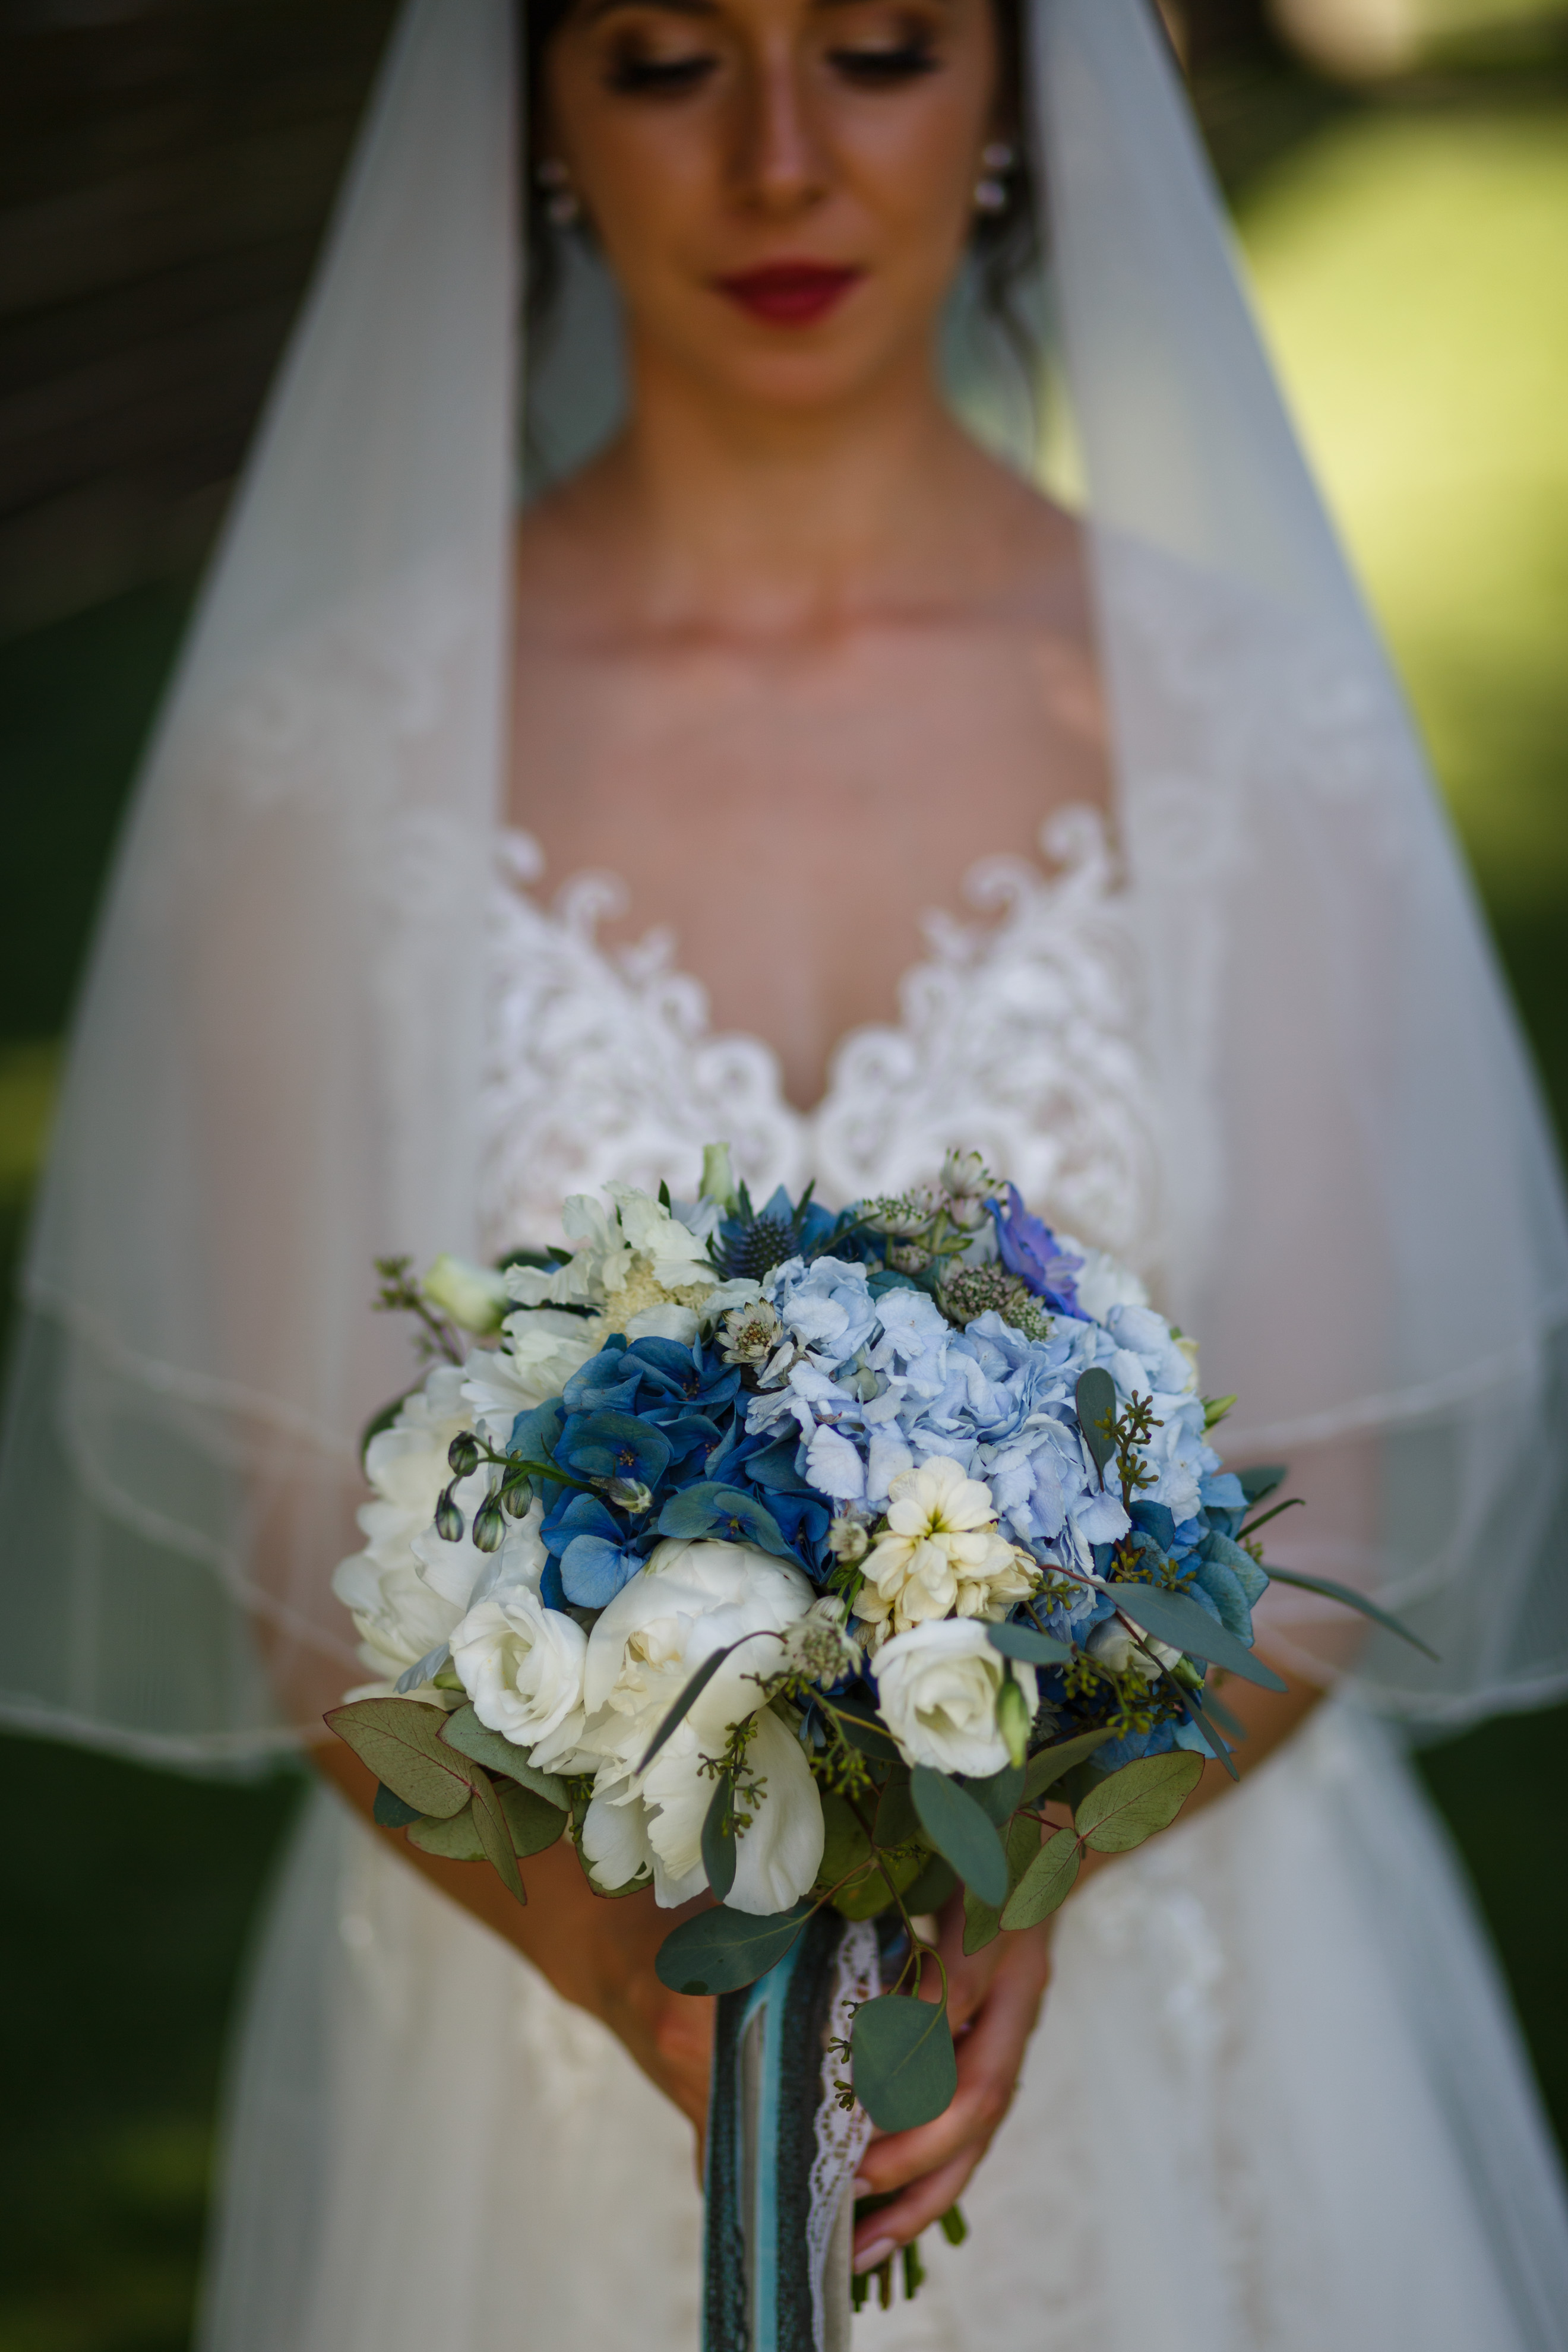 buchet alb-albastru